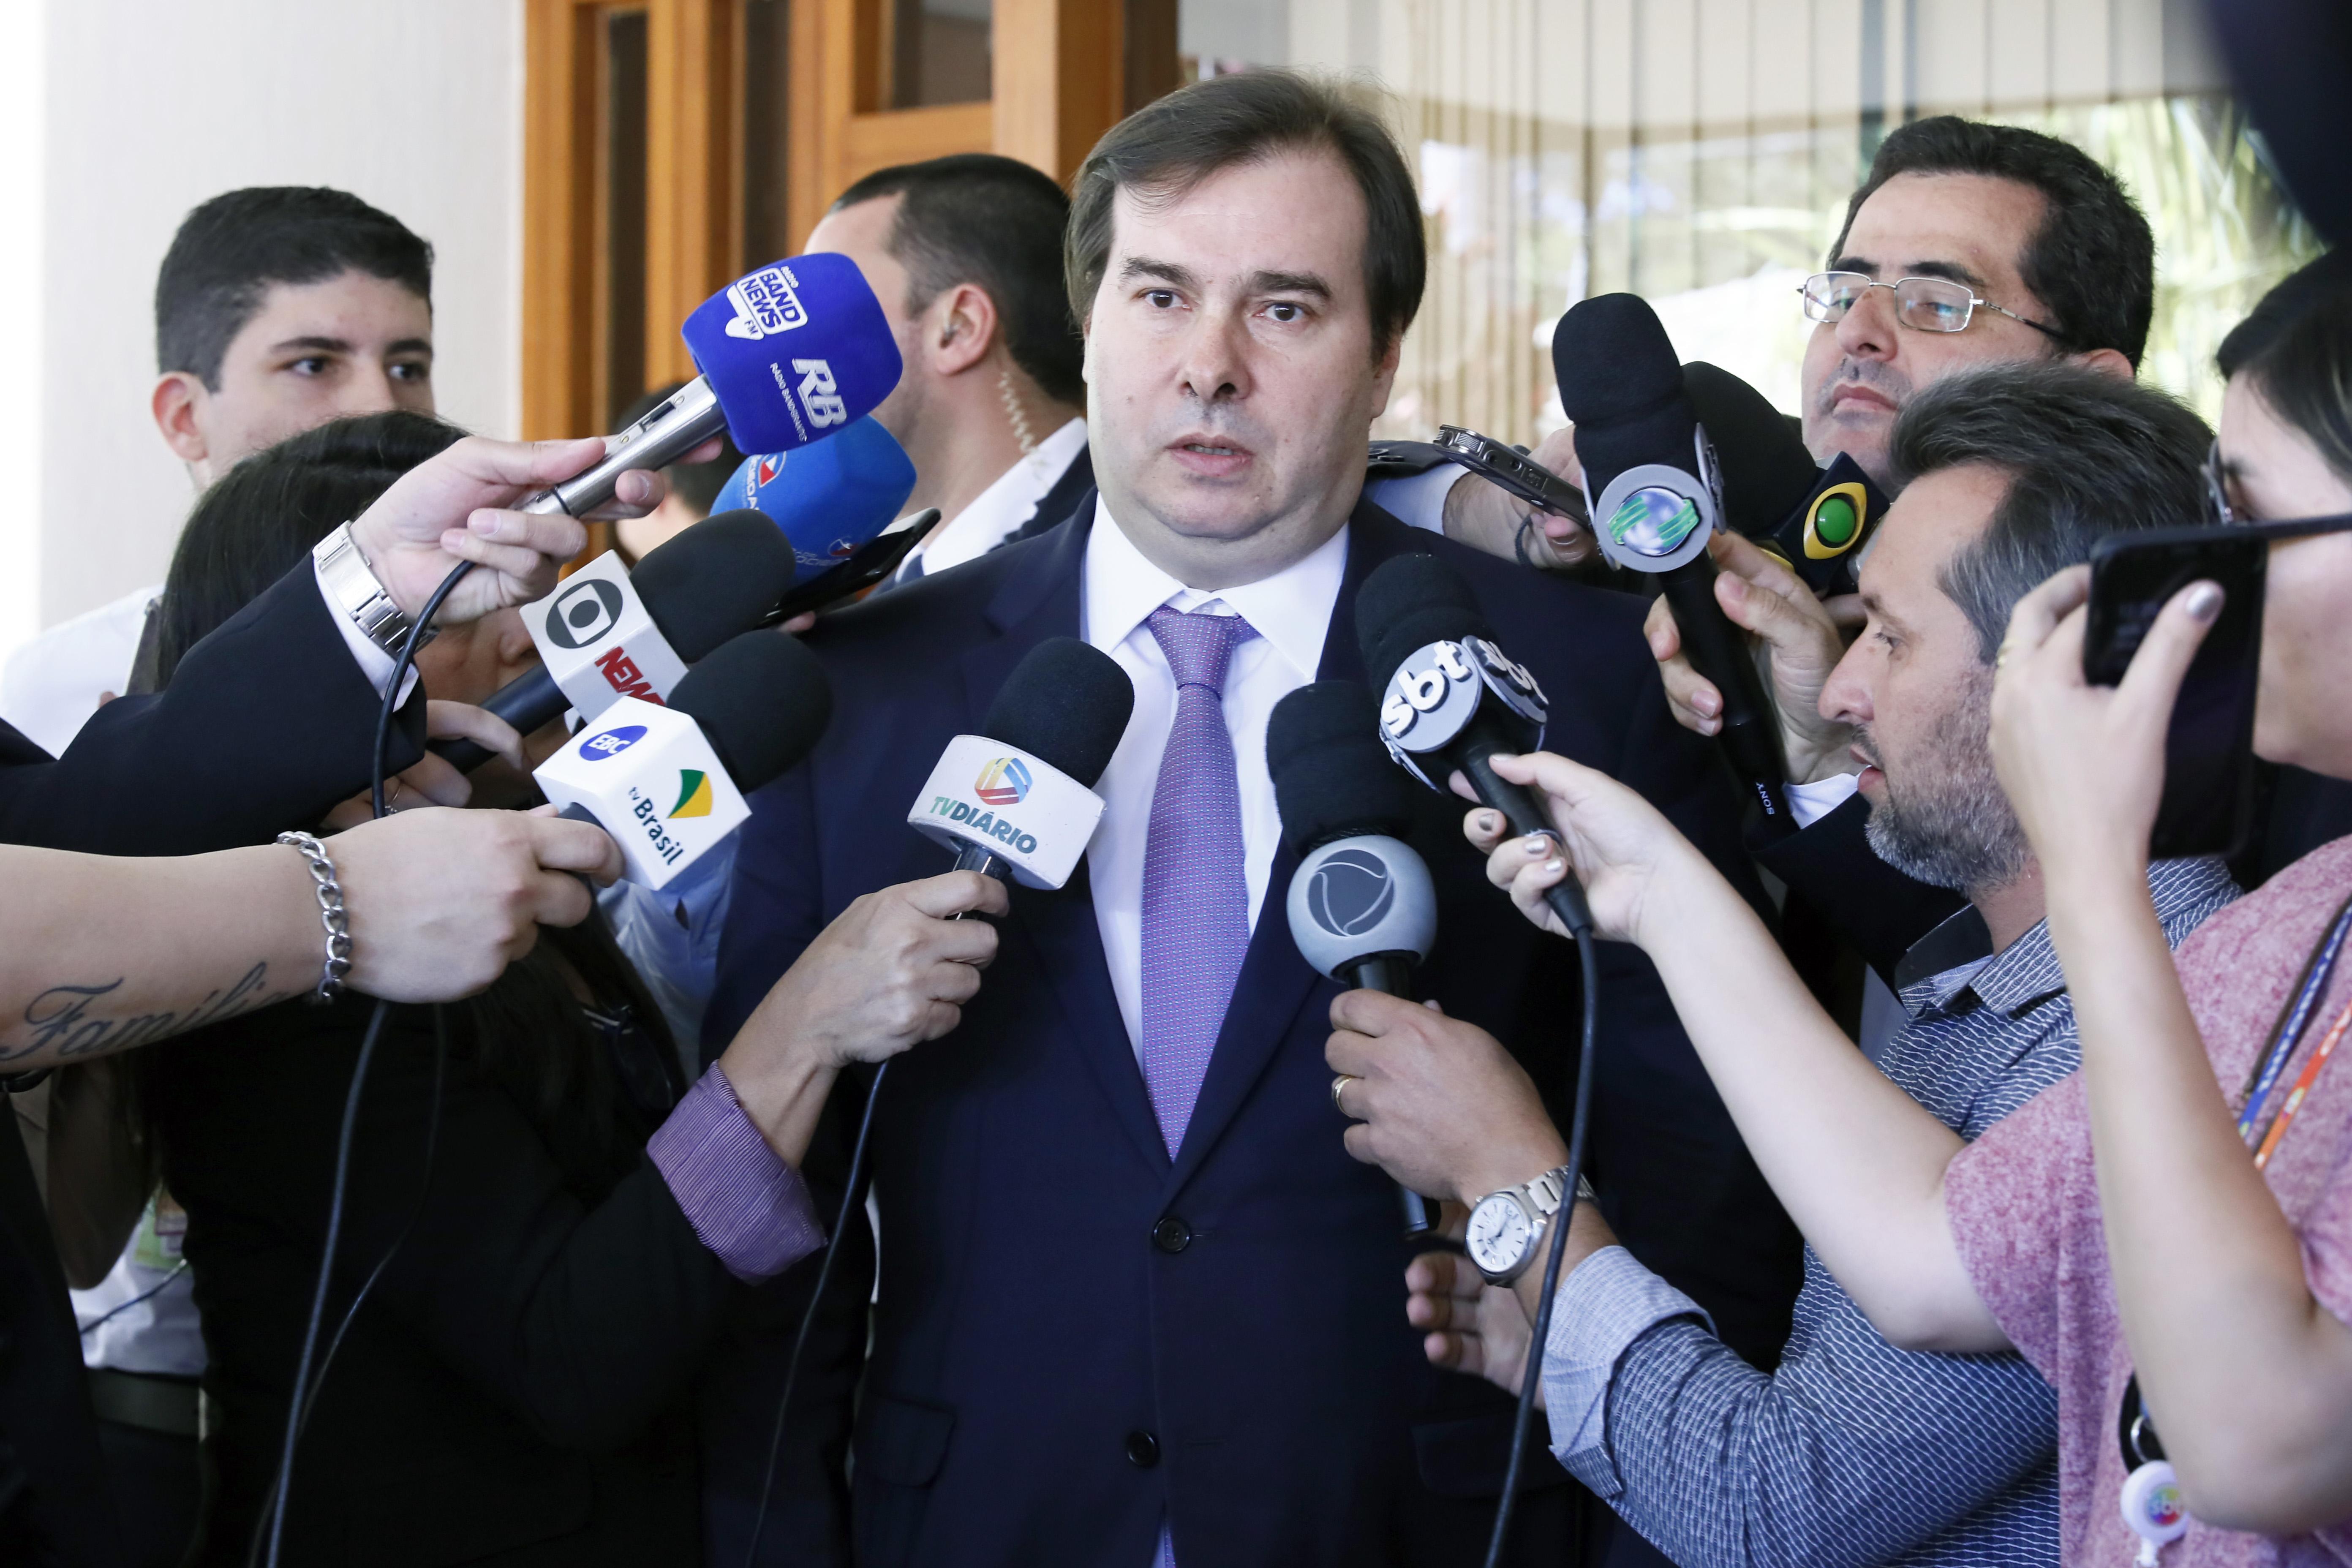 Presidente da câmara, dep. Rodrigo Maia (DEM-RJ)